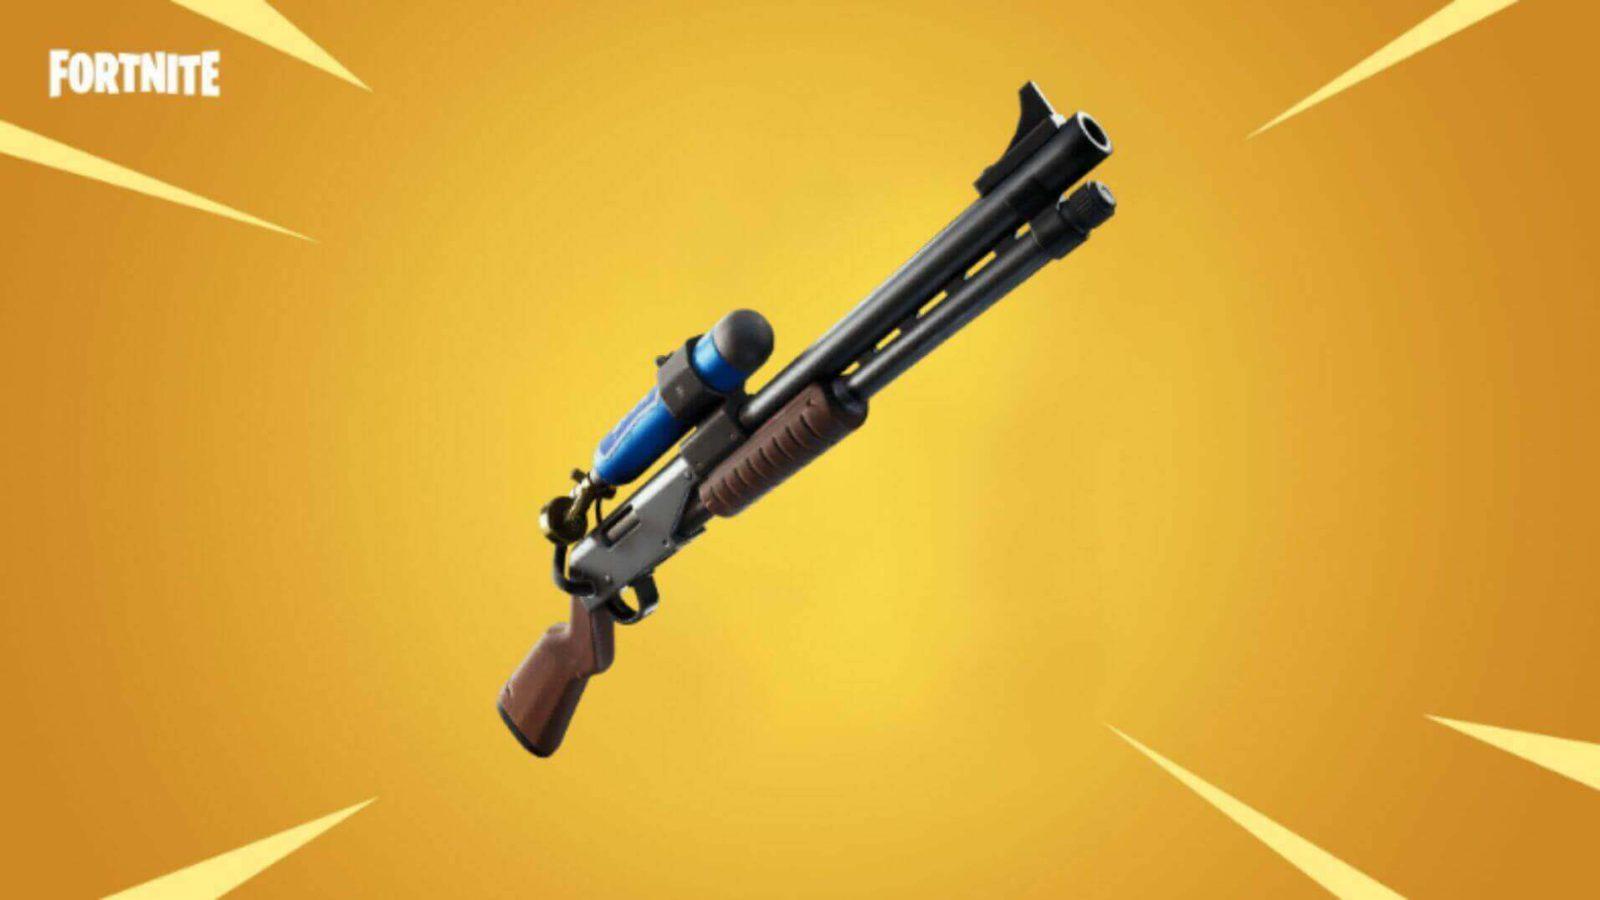 Charge shotgun in Fortnite